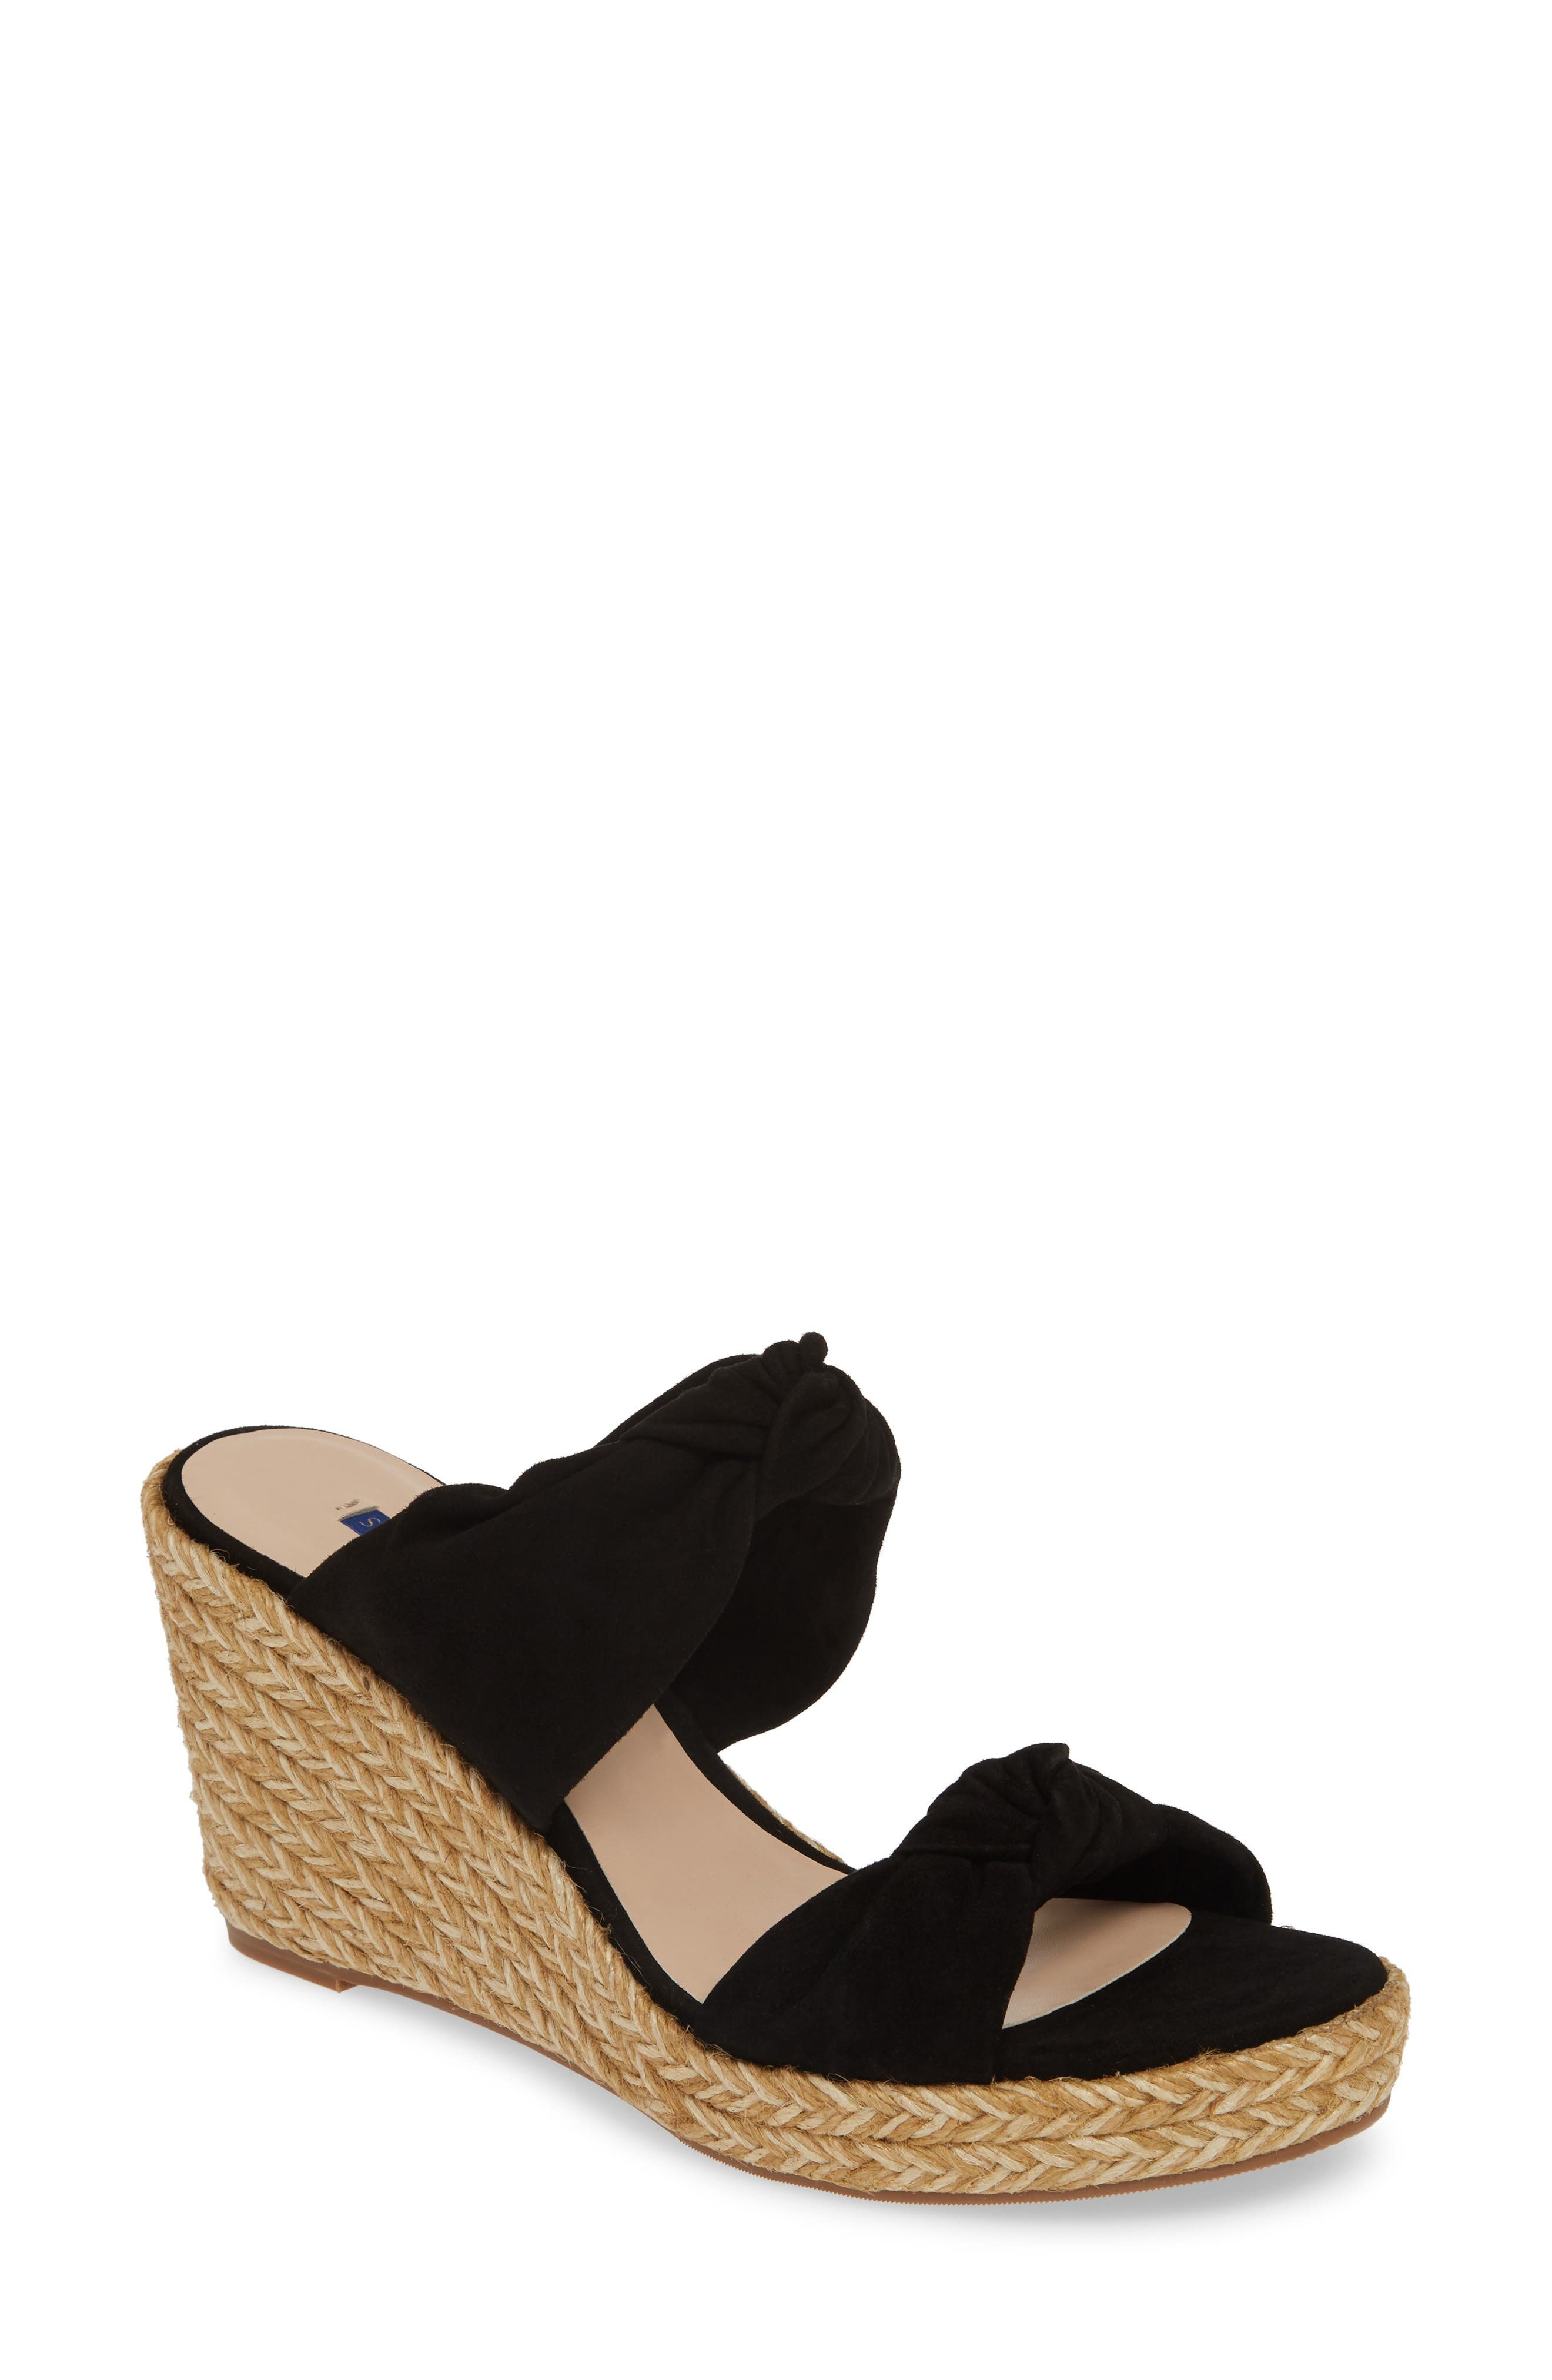 Sarina Espadrille Wedge Slide Sandal, Main, color, BLACK SUEDE